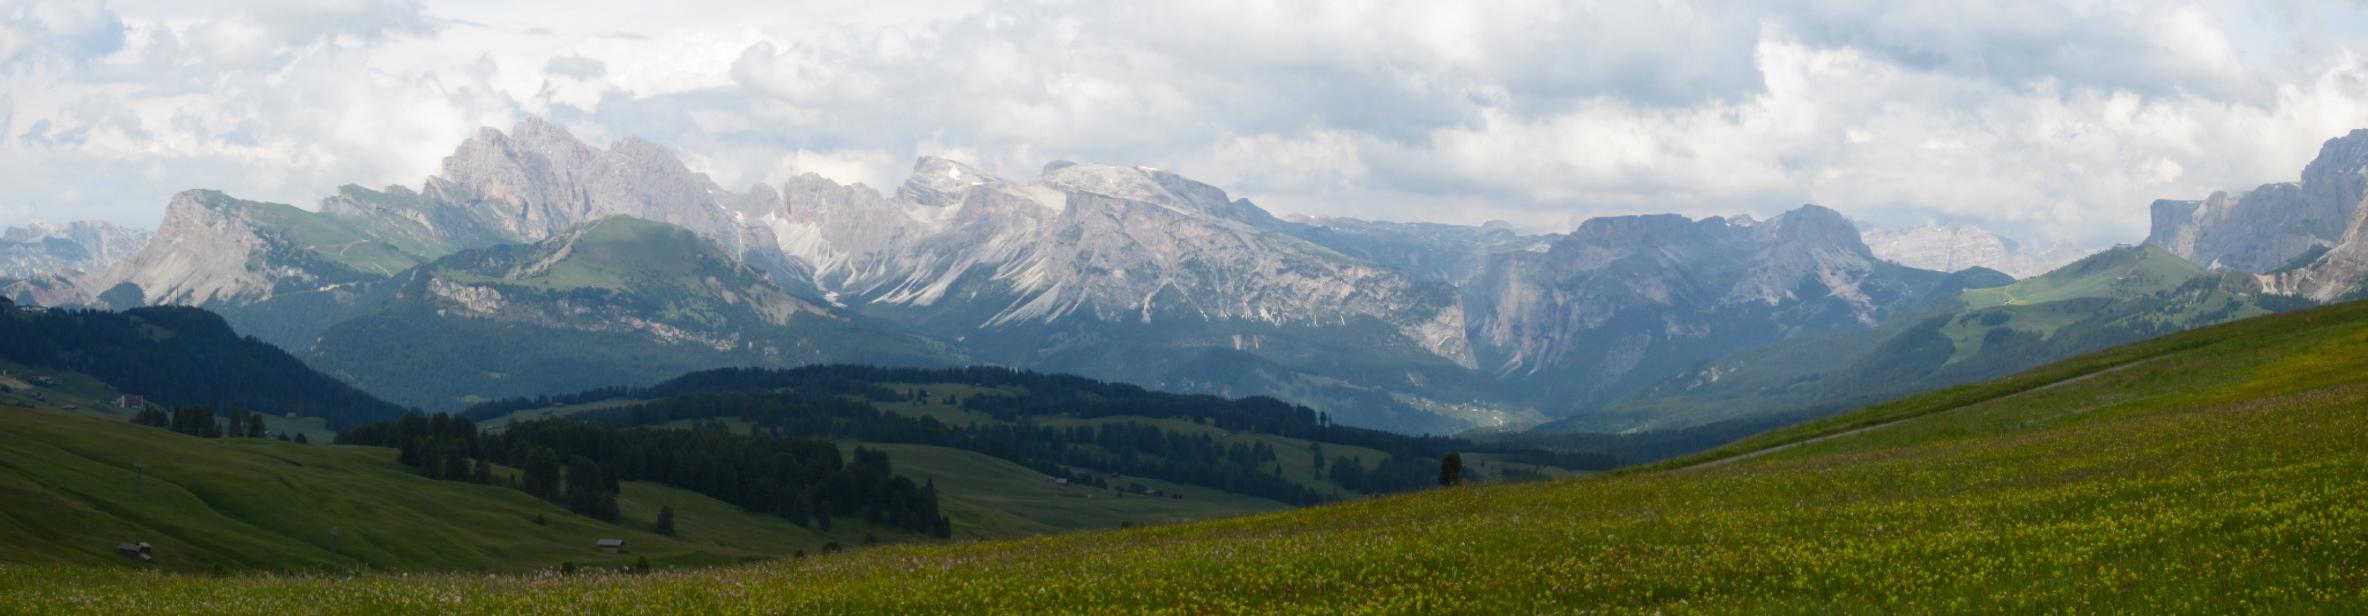 Pretty Alpe di Siusi with Dolomites in the background